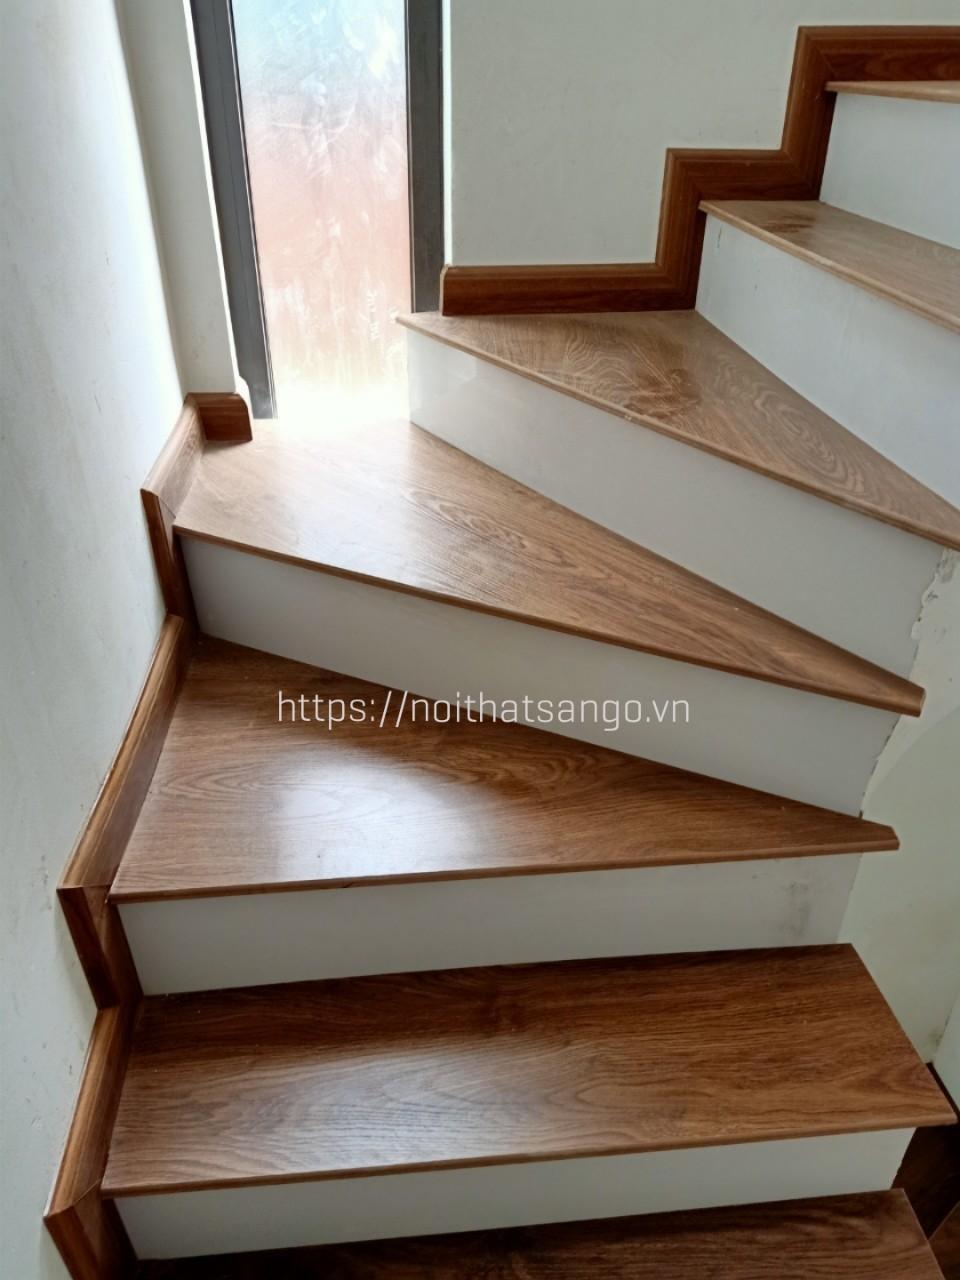 mặt bậc cầu thang soi tròn đầu mũi